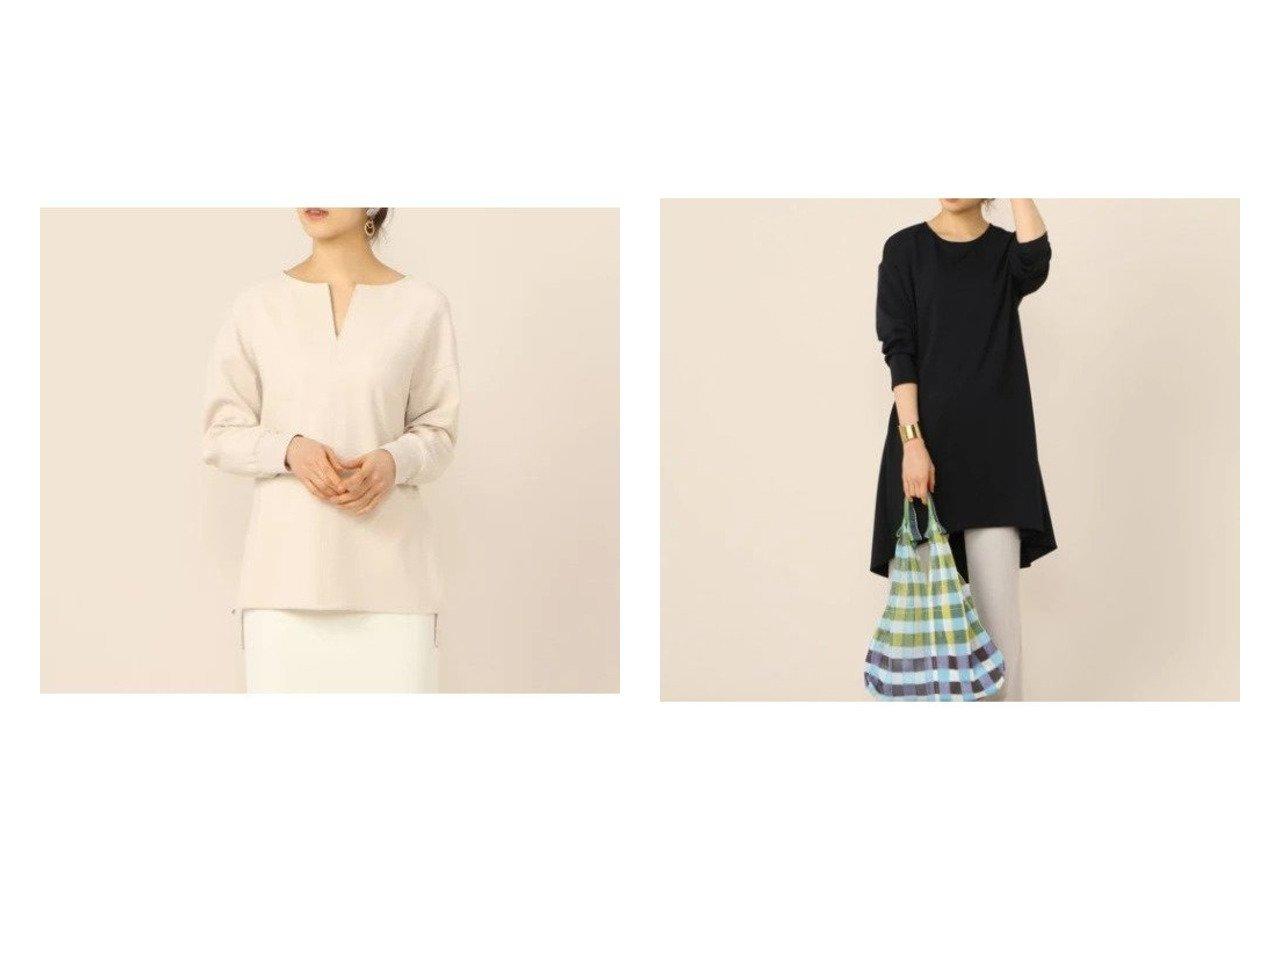 【NOLLEY'S sophi/ノーリーズソフィー】のダブルアムンゼンプルオーバーブラウス&【NOLLEY'S/ノーリーズ】のダンボールチュニック 【トップス・カットソー】おすすめ!人気、トレンド・レディースファッションの通販 | レディースファッション・服の通販 founy(ファニー)